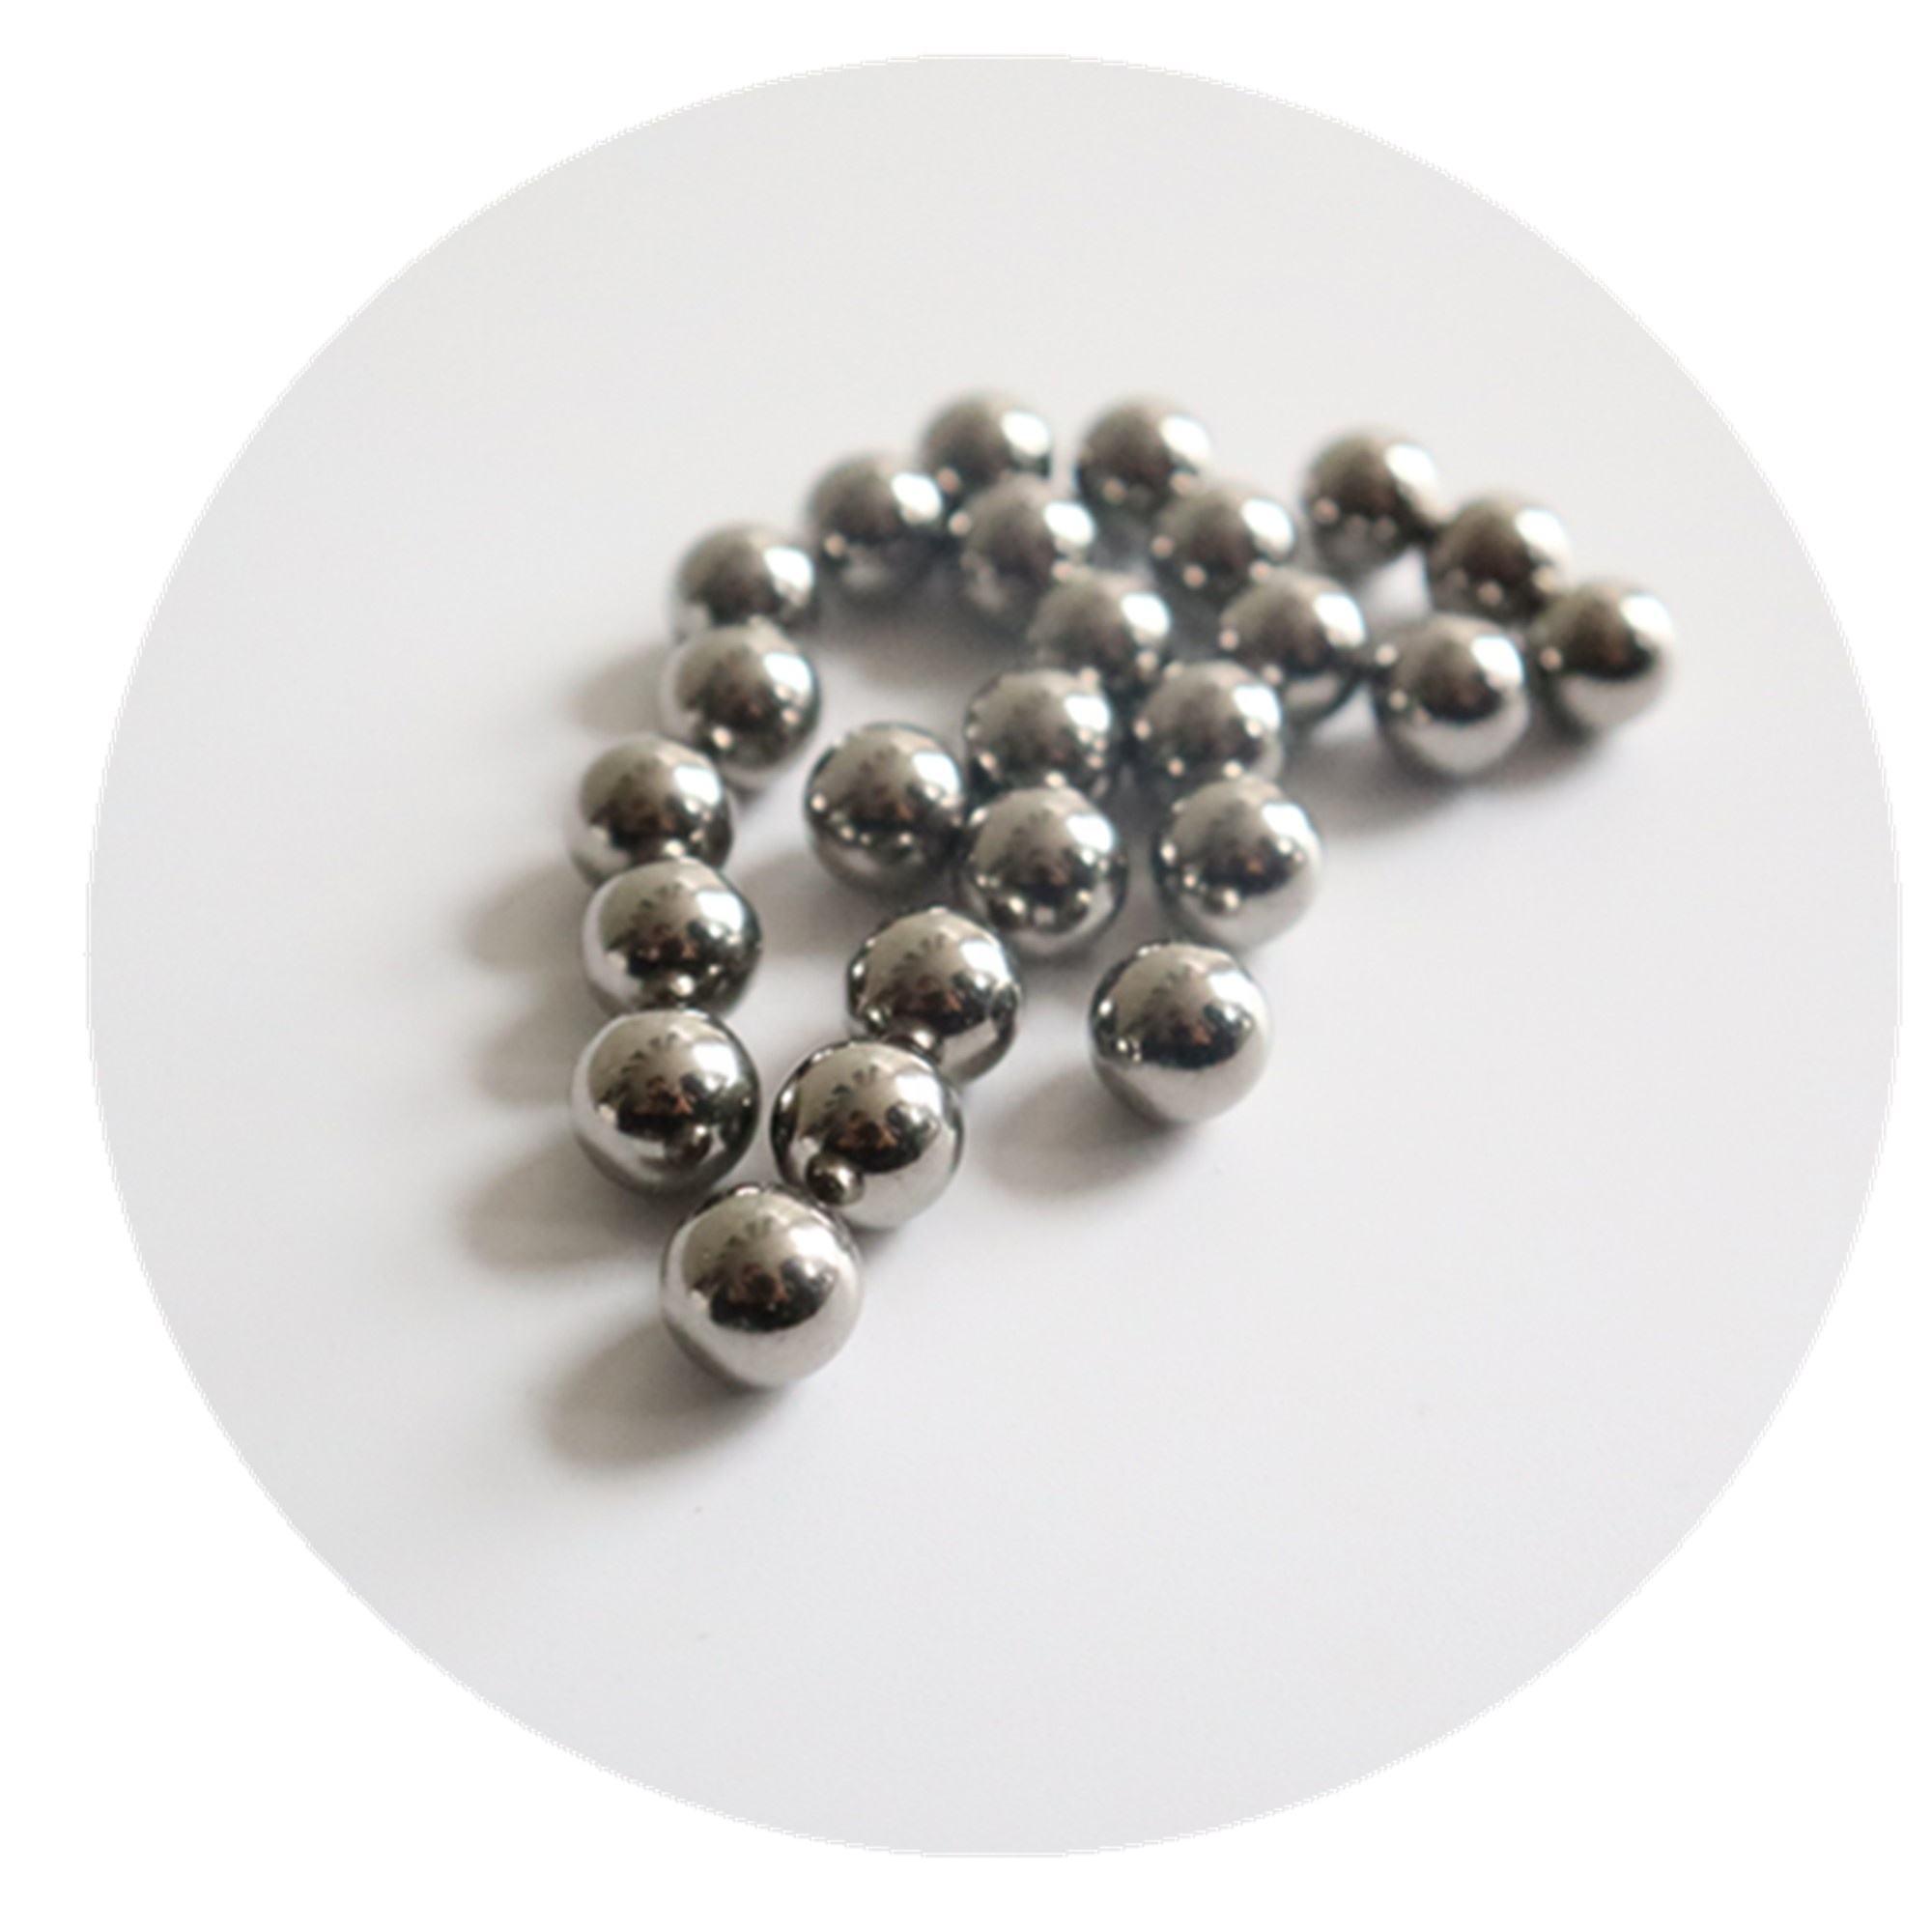 5000 PCS 201 Stainless Steel Loose Bearing Balls G100 Bearings Ball 3mm